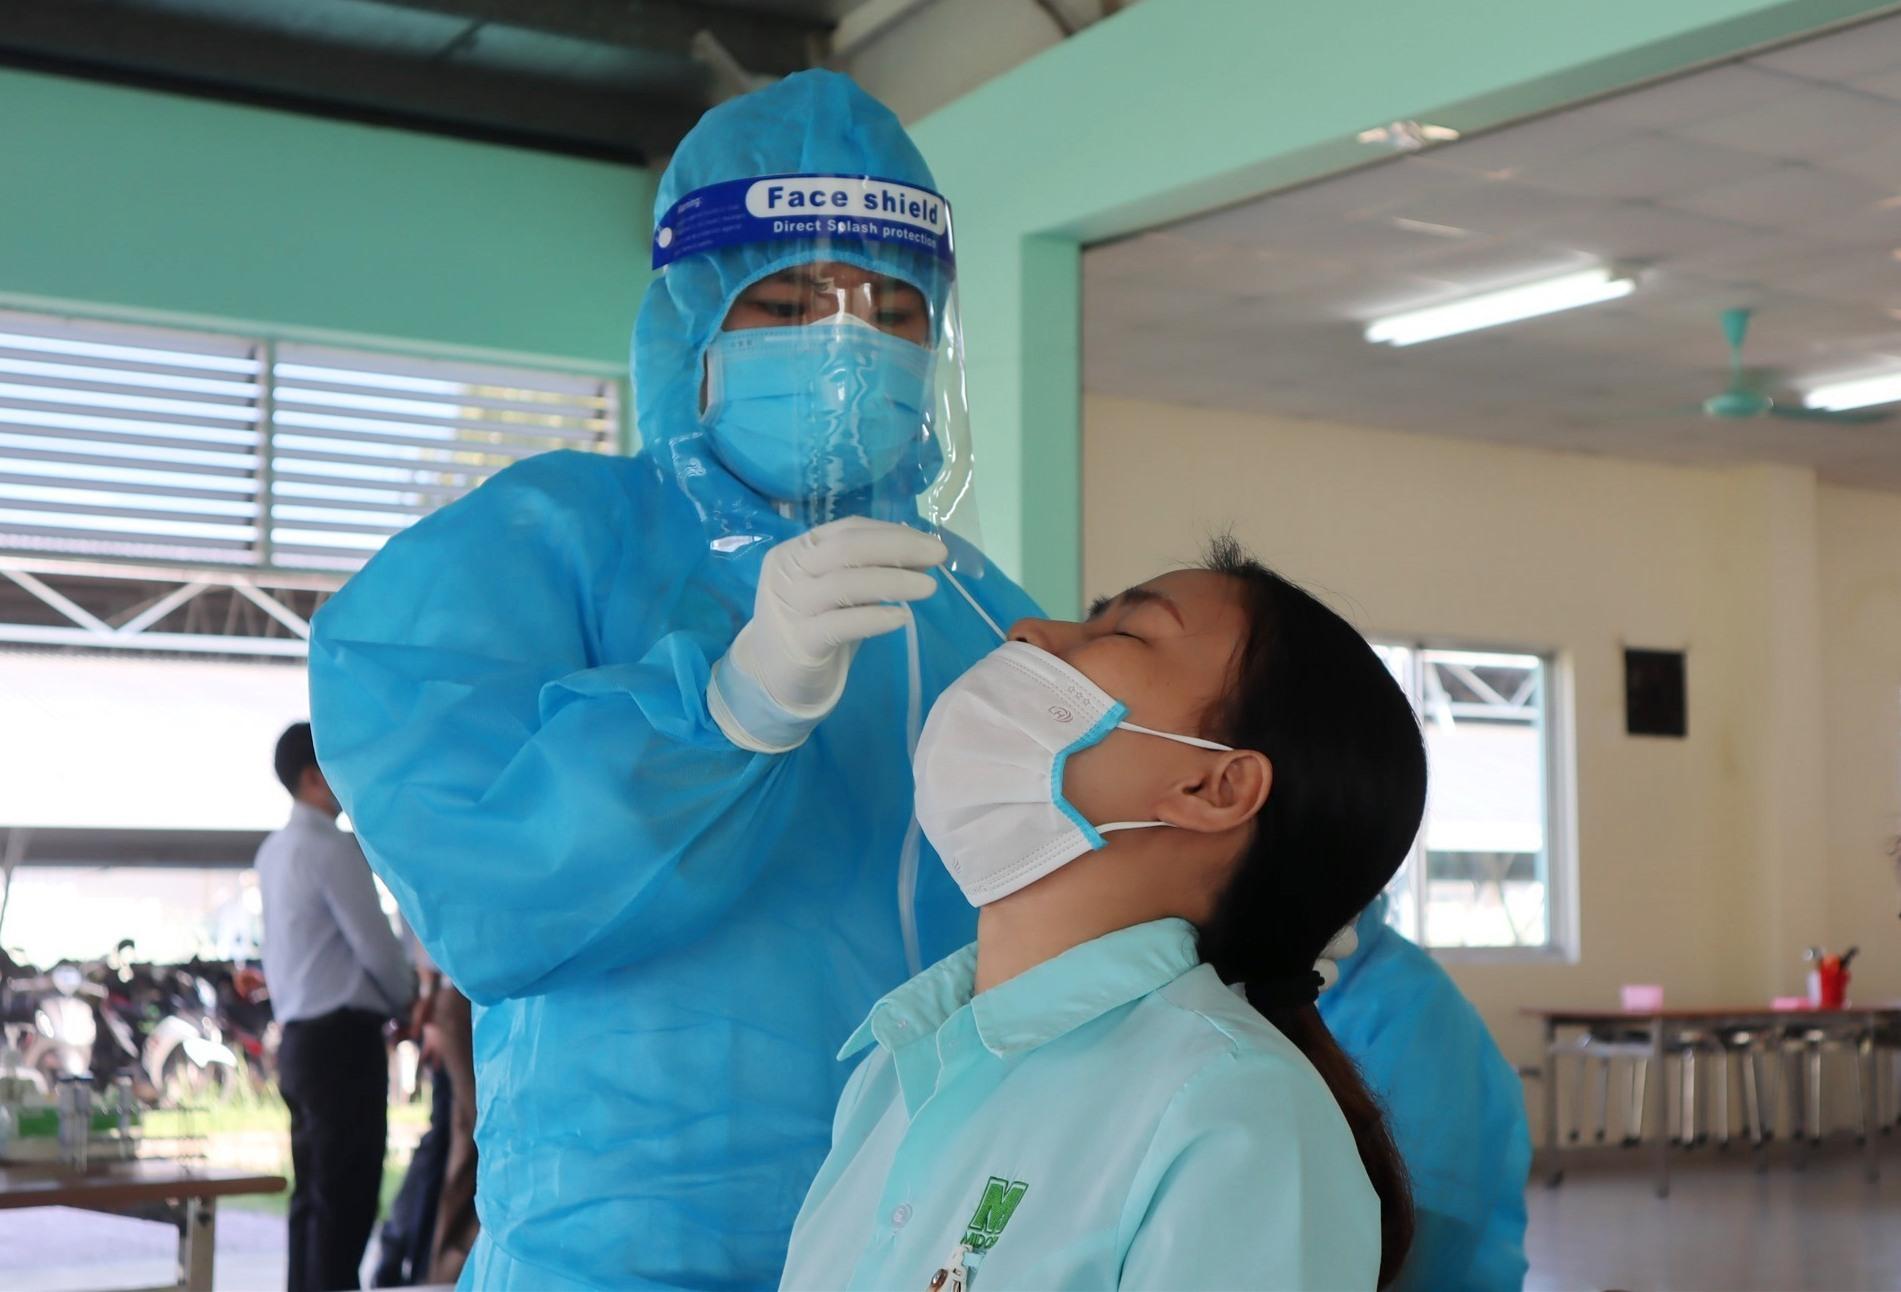 Thị xã Điện Bàn đang thực hiện việc xét nghiệm lấy mẫu cho công nhân. Ảnh: Q.T